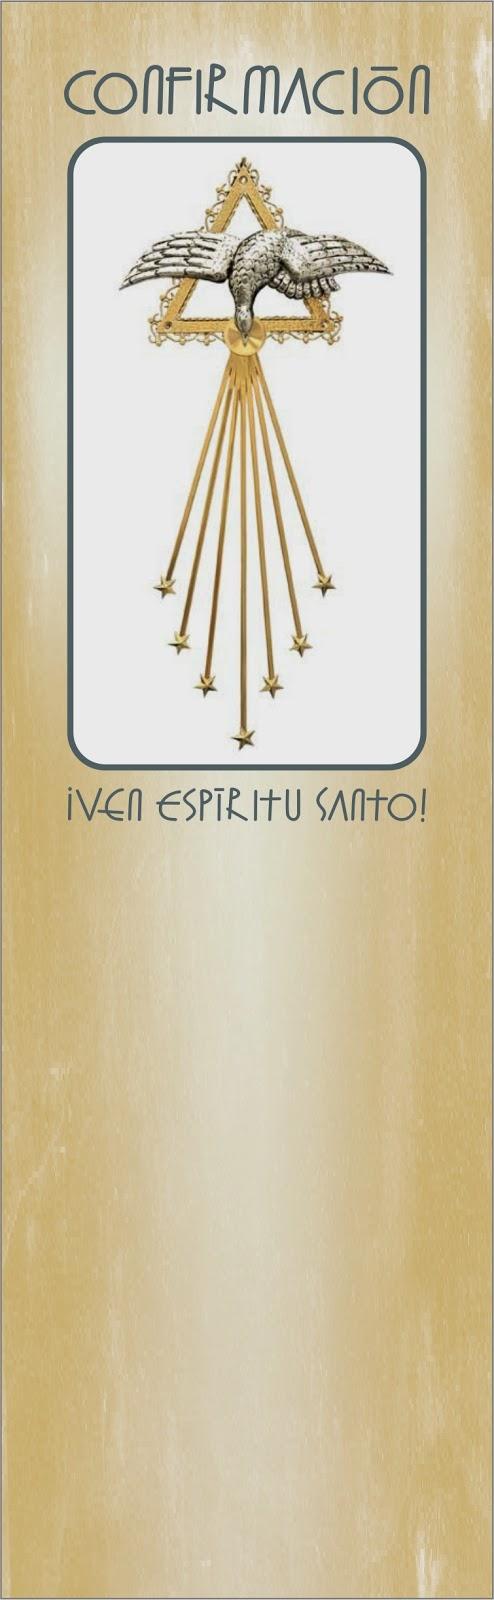 Matrimonio Catolico Sin Confirmacion : Tarjetas y oraciones catolicas separadores confirmaciÓn